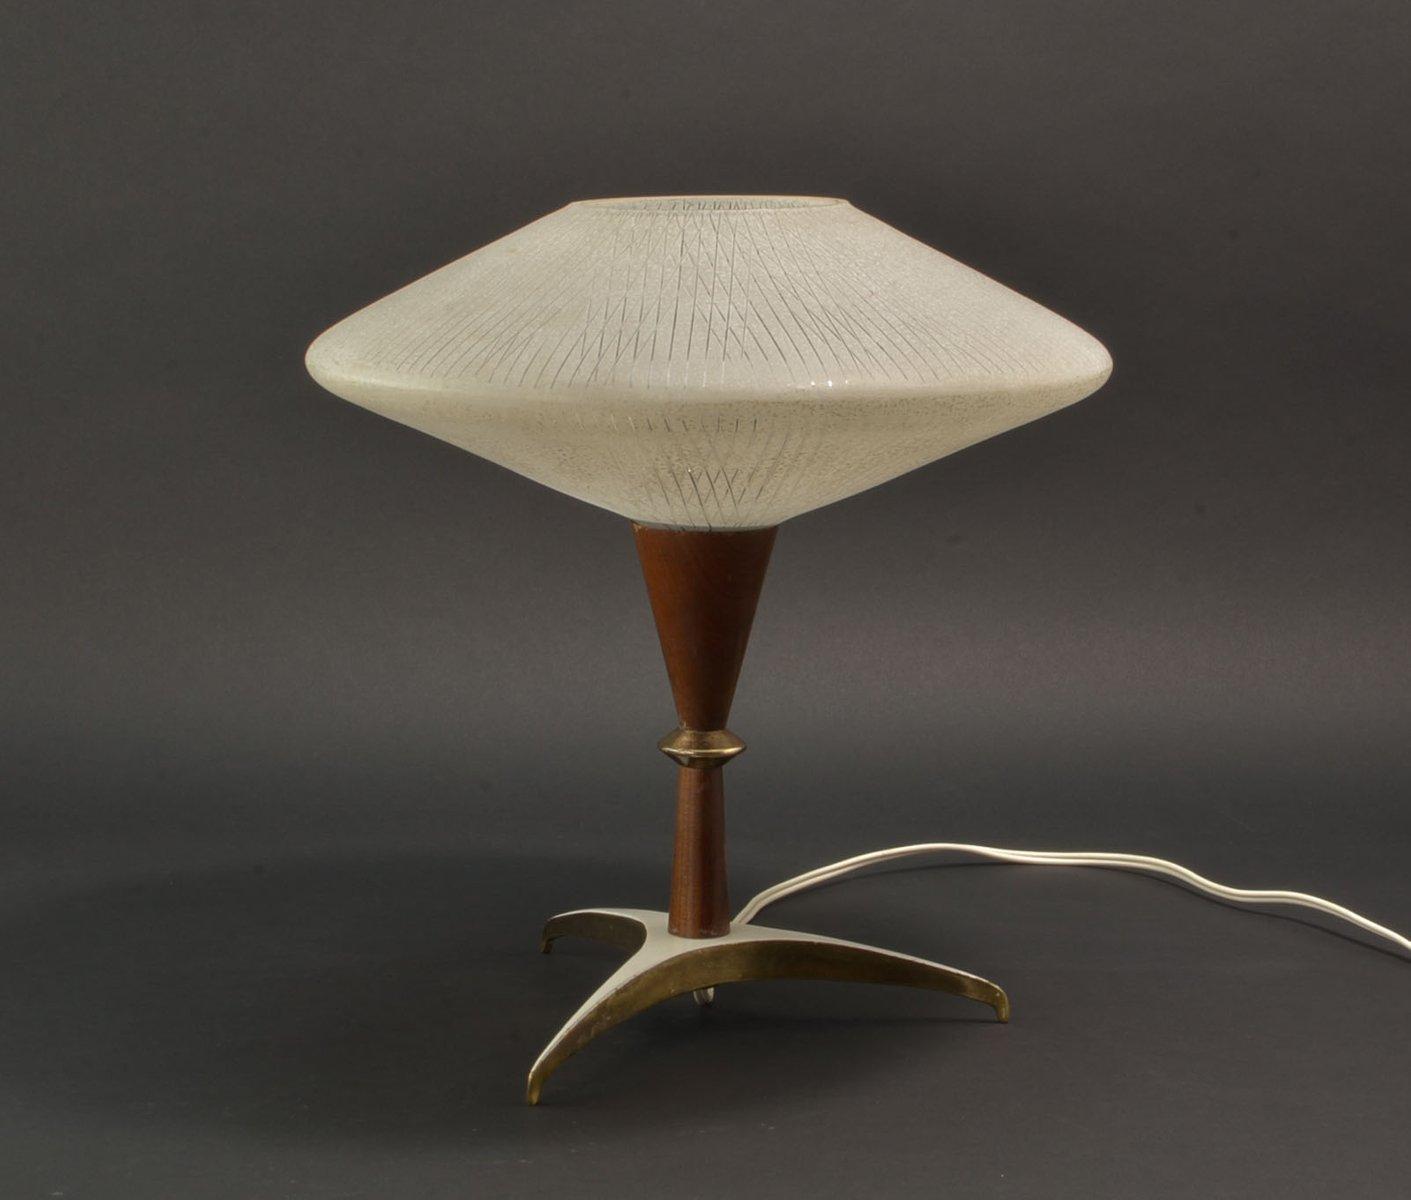 Mid-Century Tischlampe aus Teak, Messing & Glas, 1950er